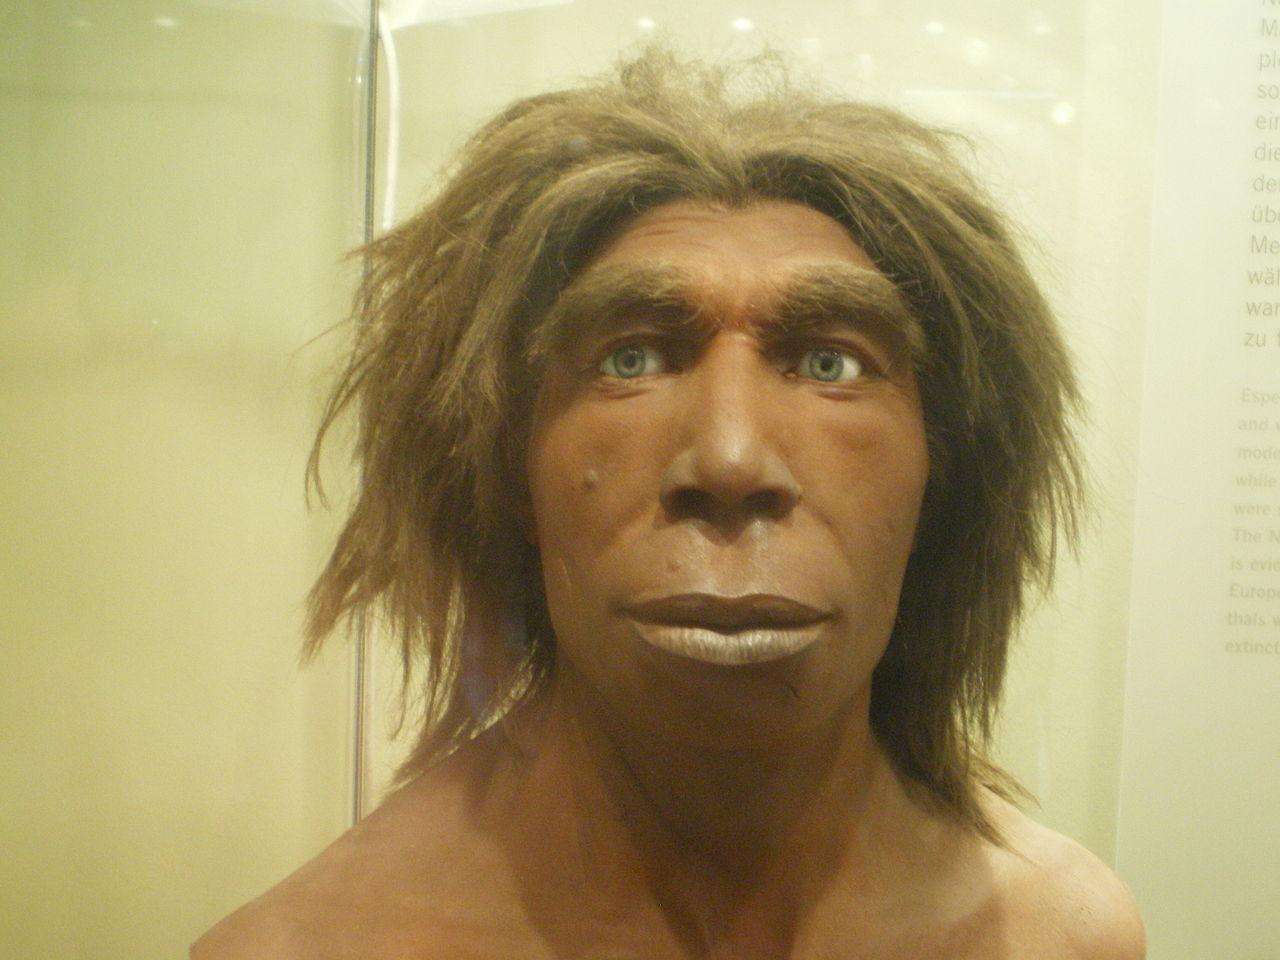 Iako možda liči na nekog lokalnog funckionera ili biznismena, zapravo neandertalac se razlikovao po mnogo čemu od današnjih ljudi. Prirodnjački muzej u Berlinu, autor: Matanya / Wikimedia